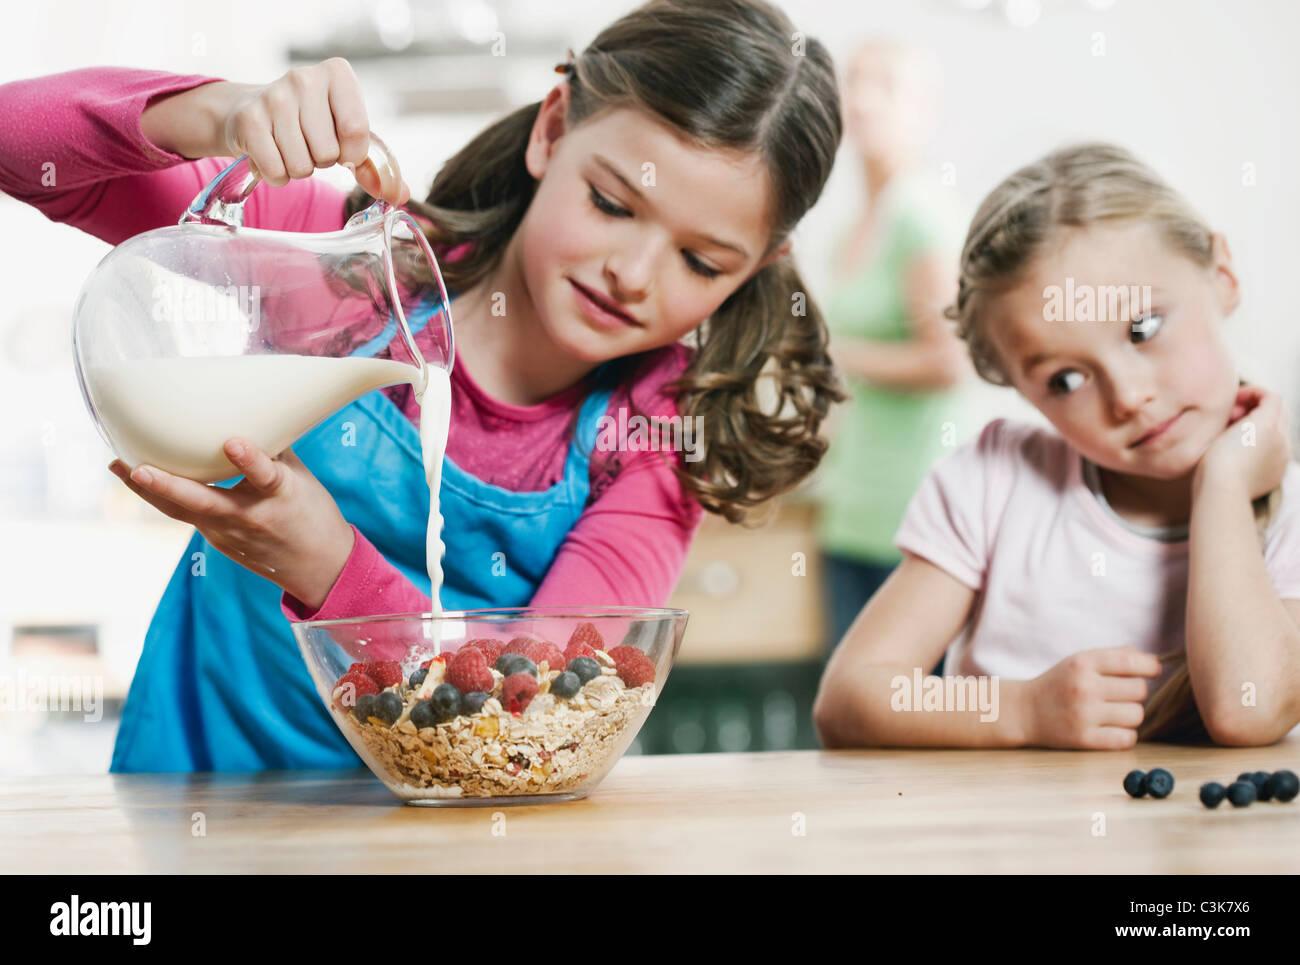 Deutschland, Köln, Kinder, die Zubereitung des Frühstücks in der Küche Stockbild